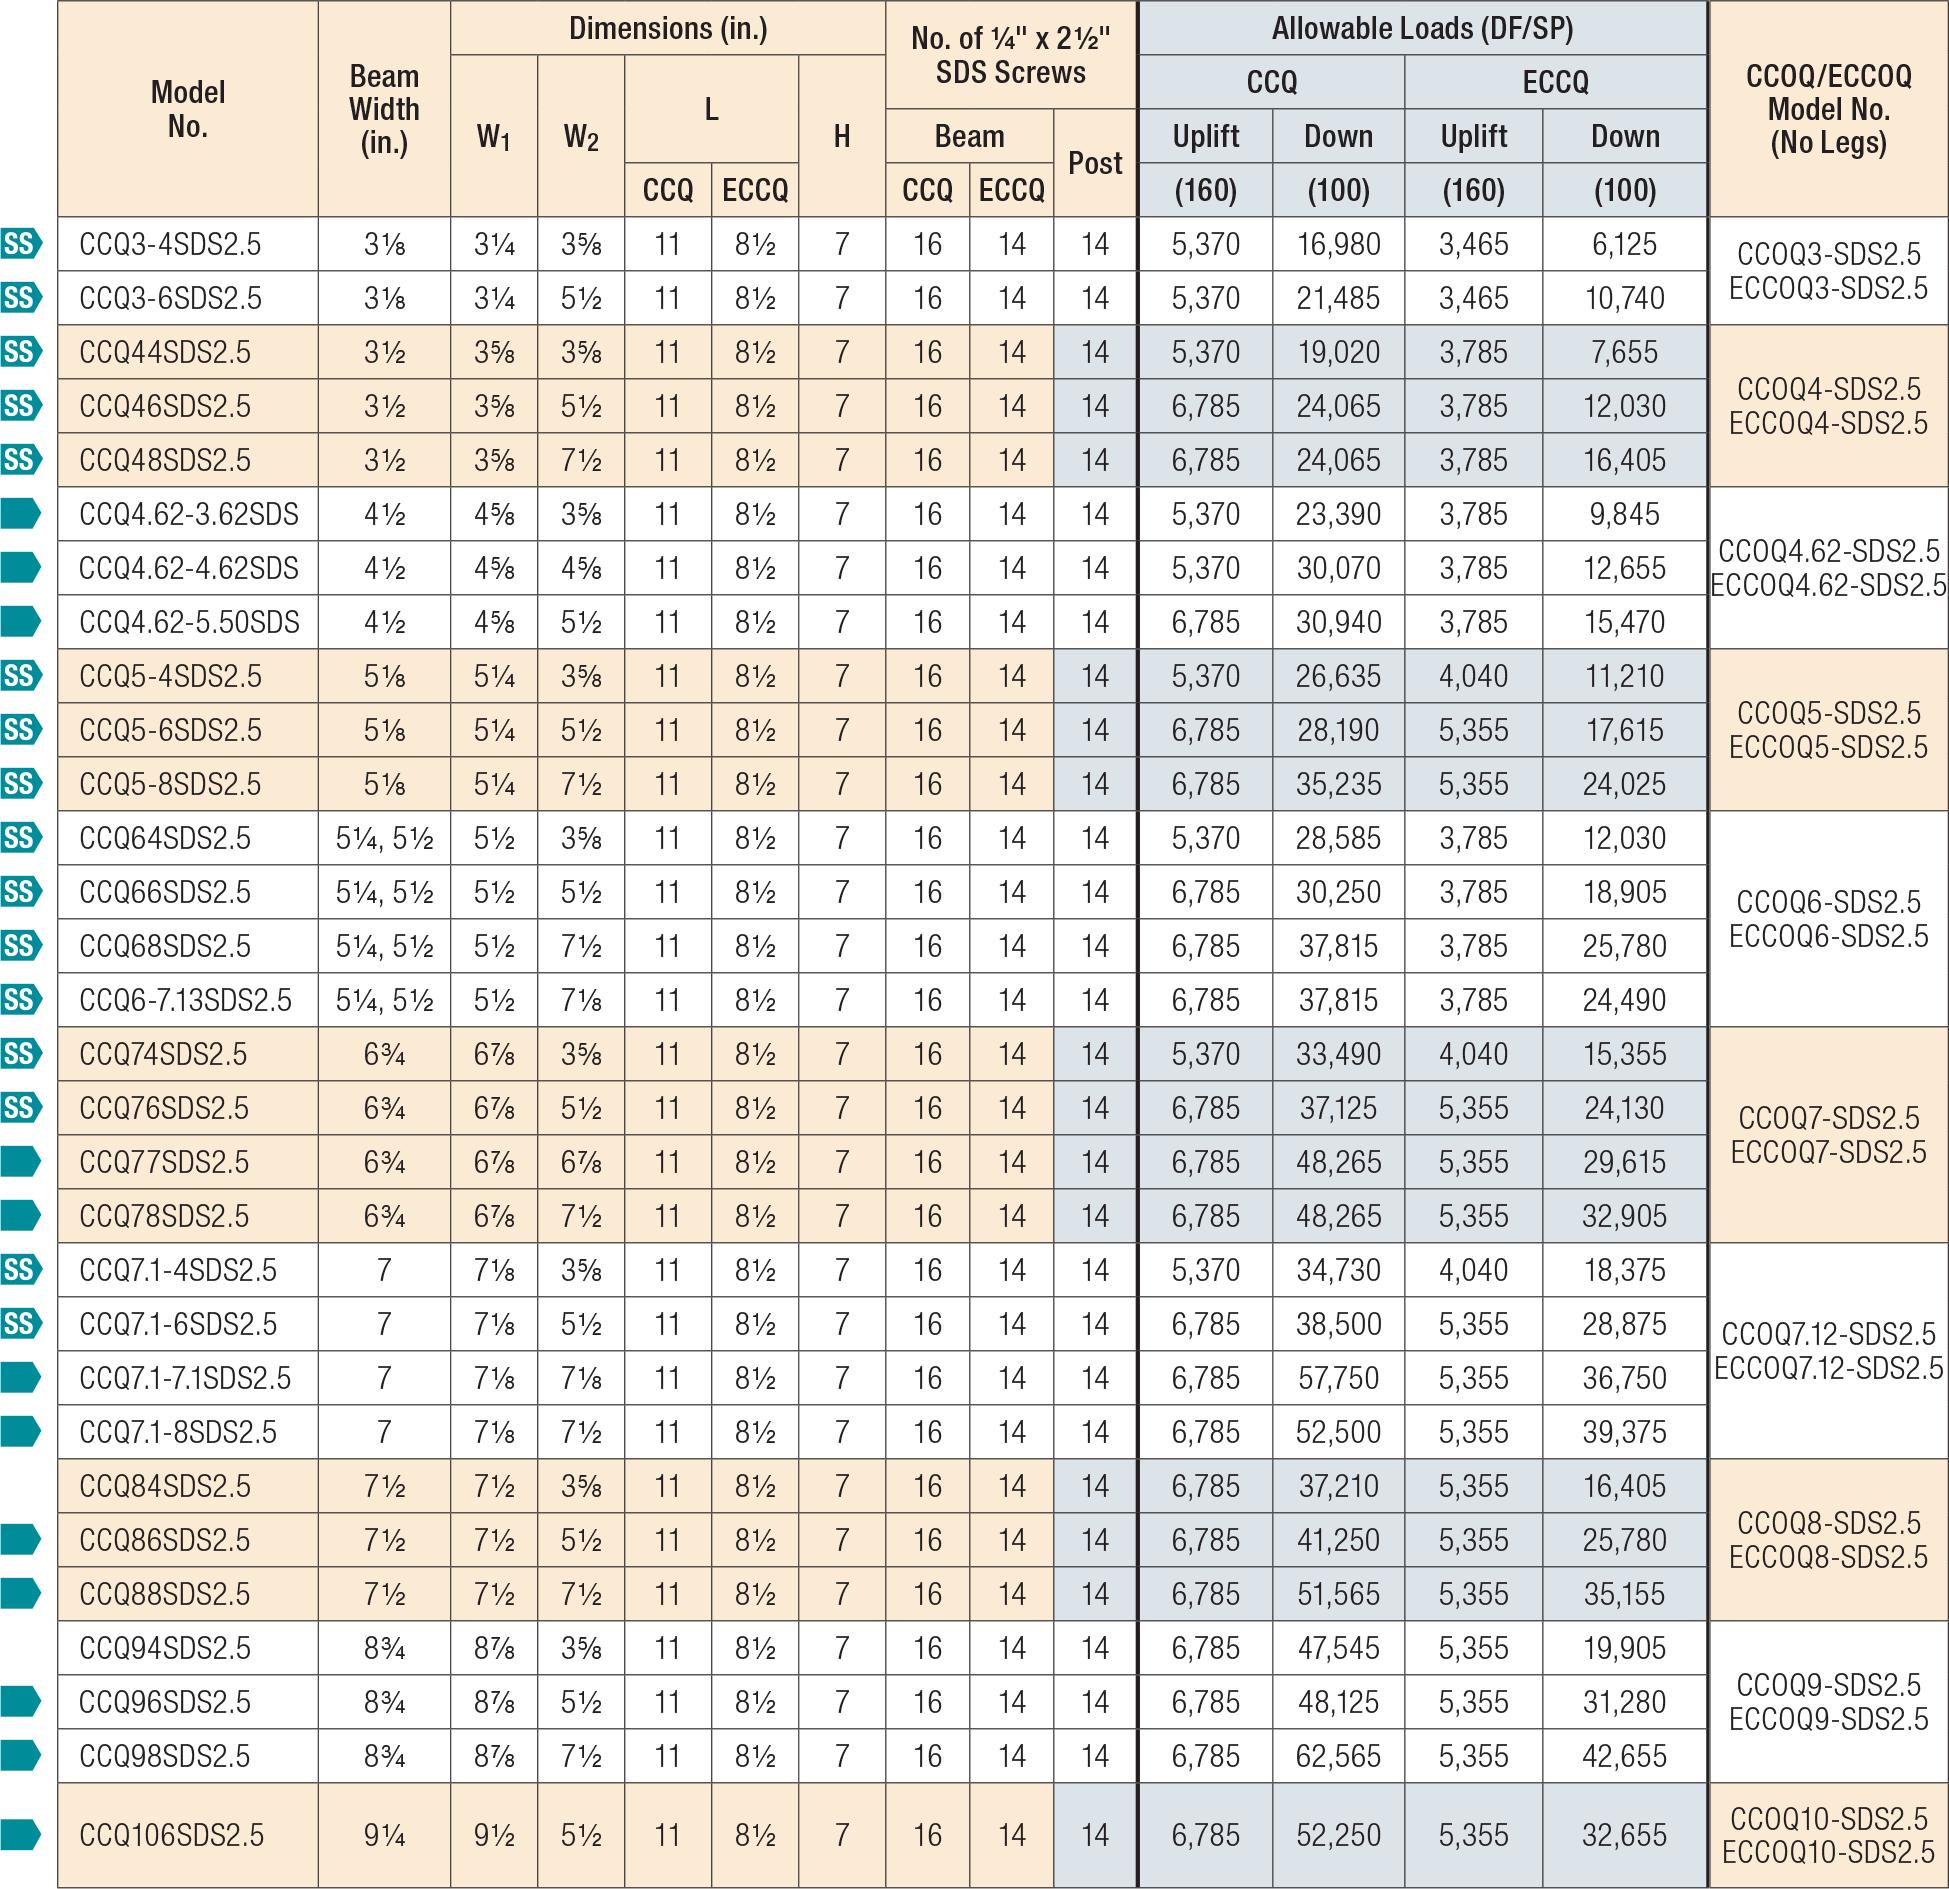 CCQ/ECCQ Load Table